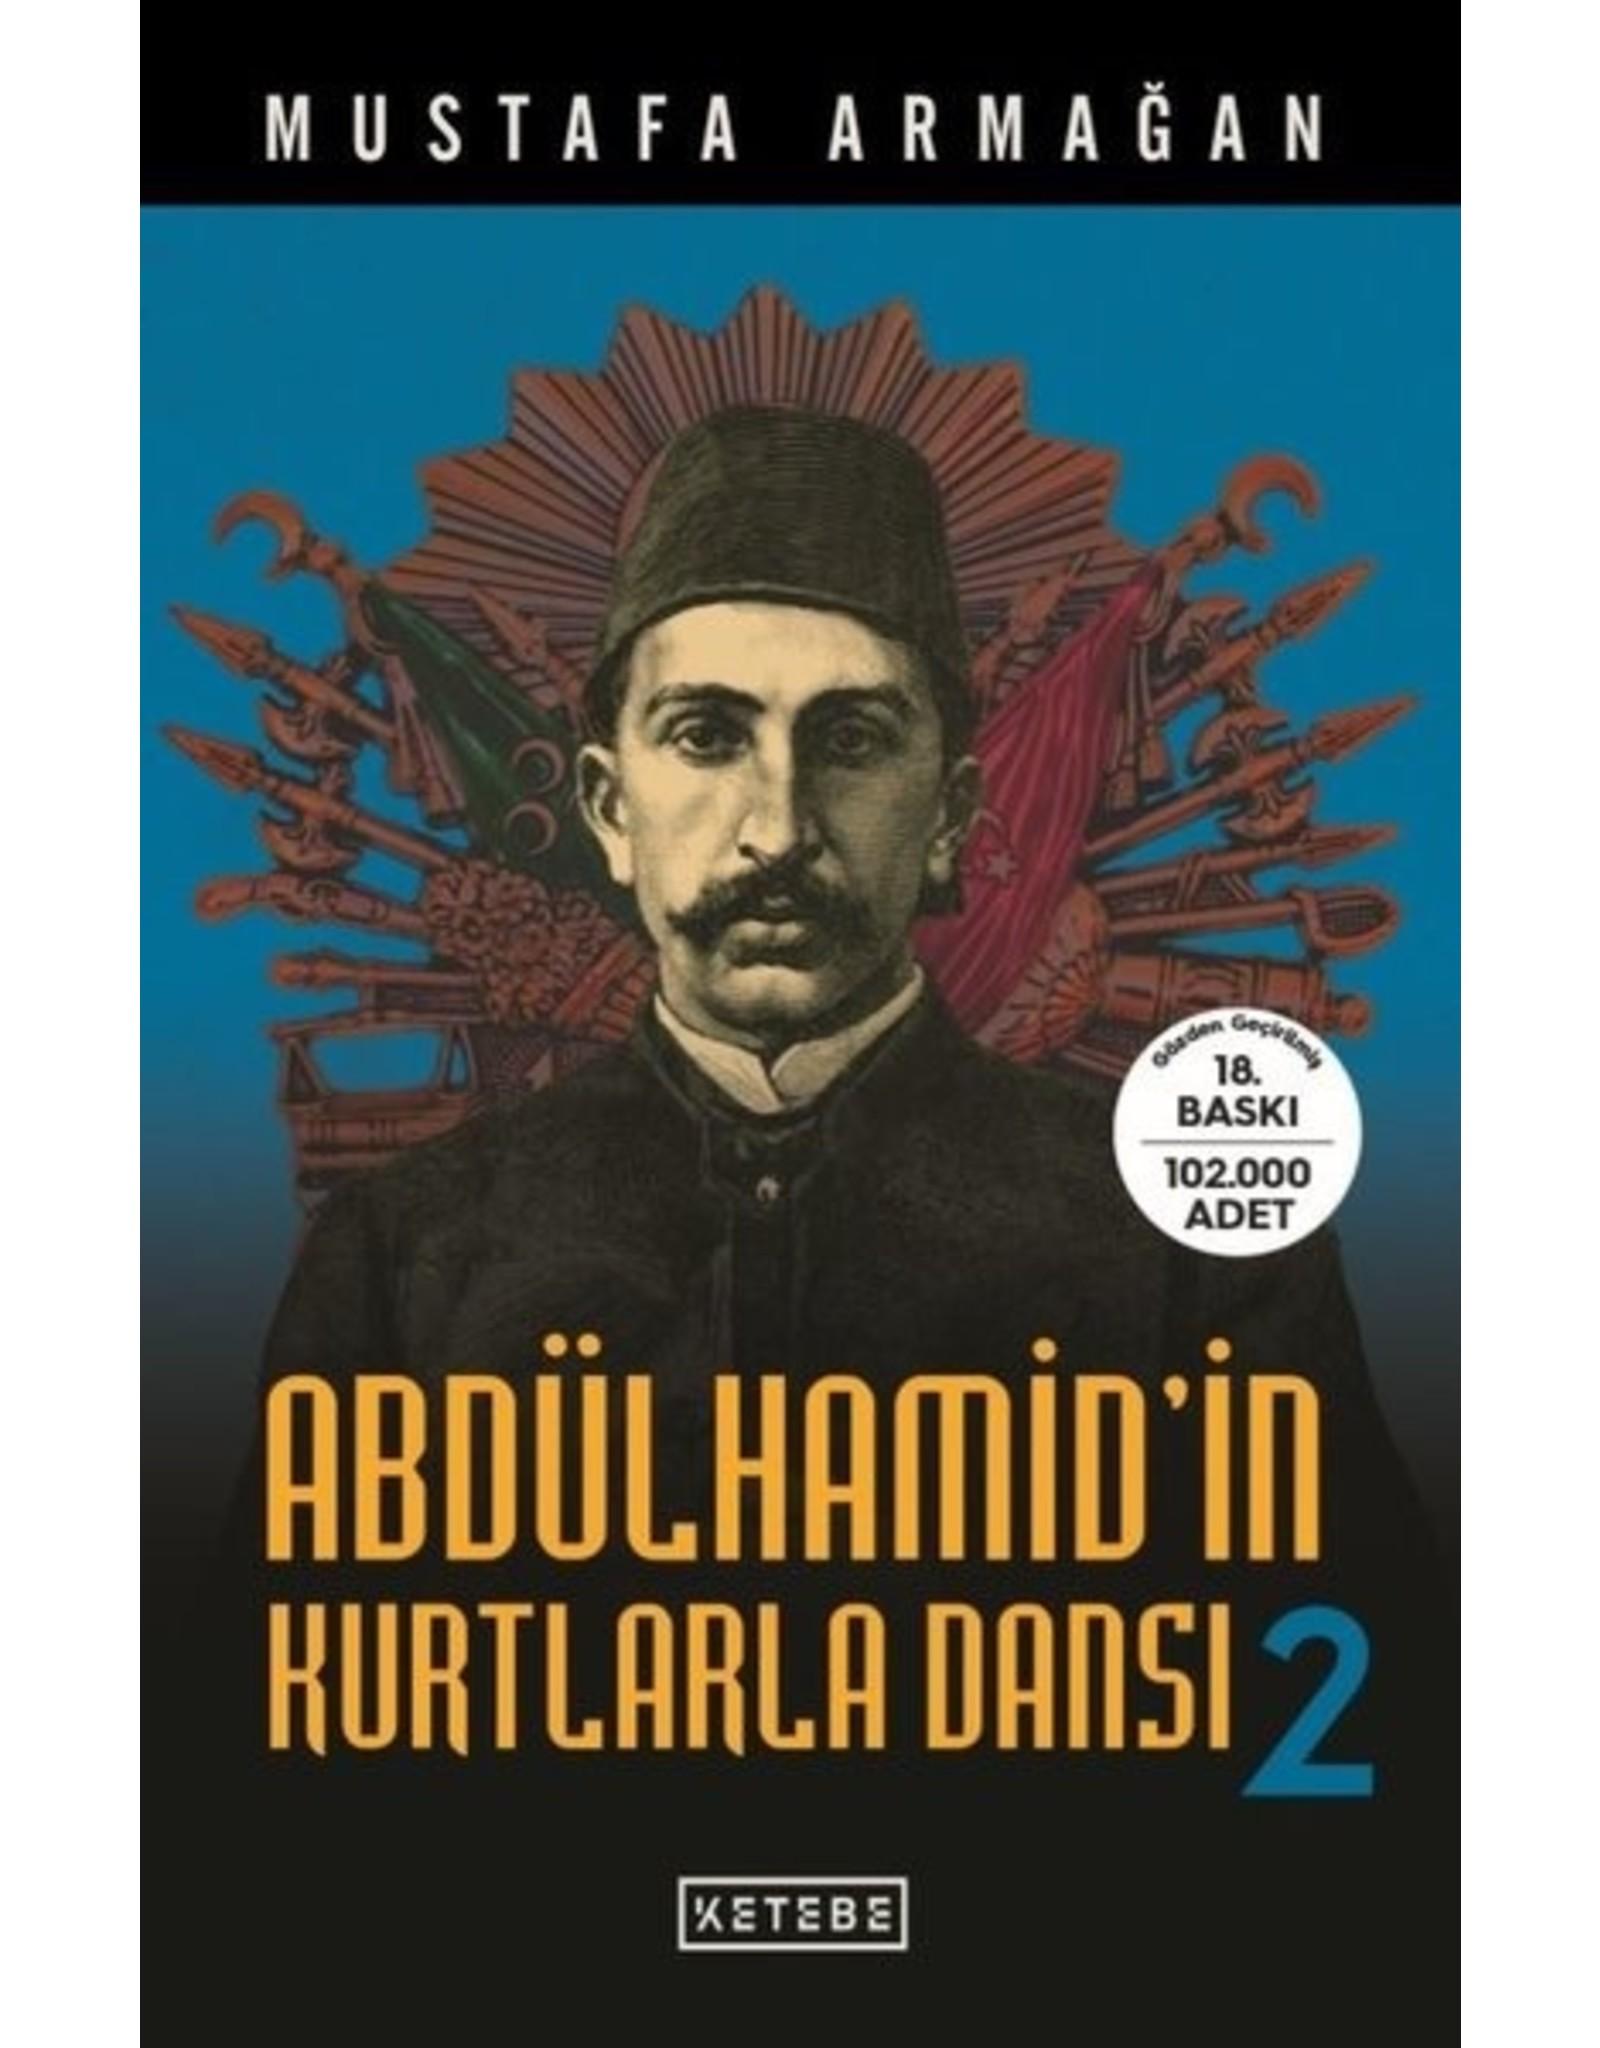 Mustafa Armağan Abdülhamid'in Kurtlarla Dansı 2